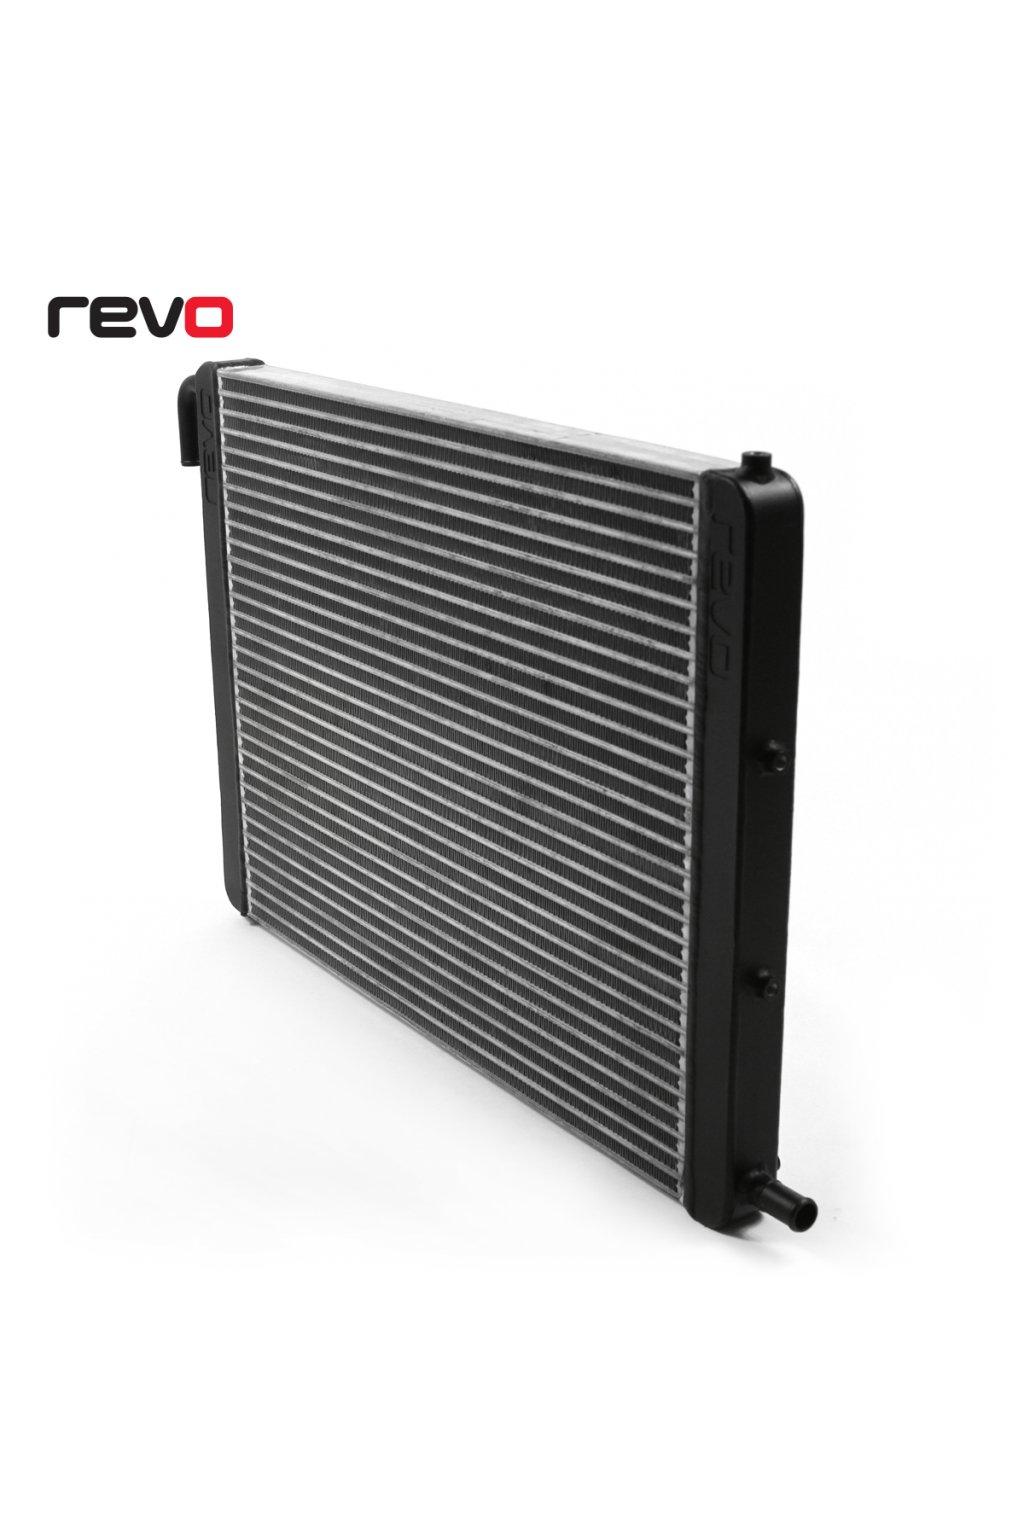 Revo kit chlazení kompresoru Audi S4/S5 3.0TFSI